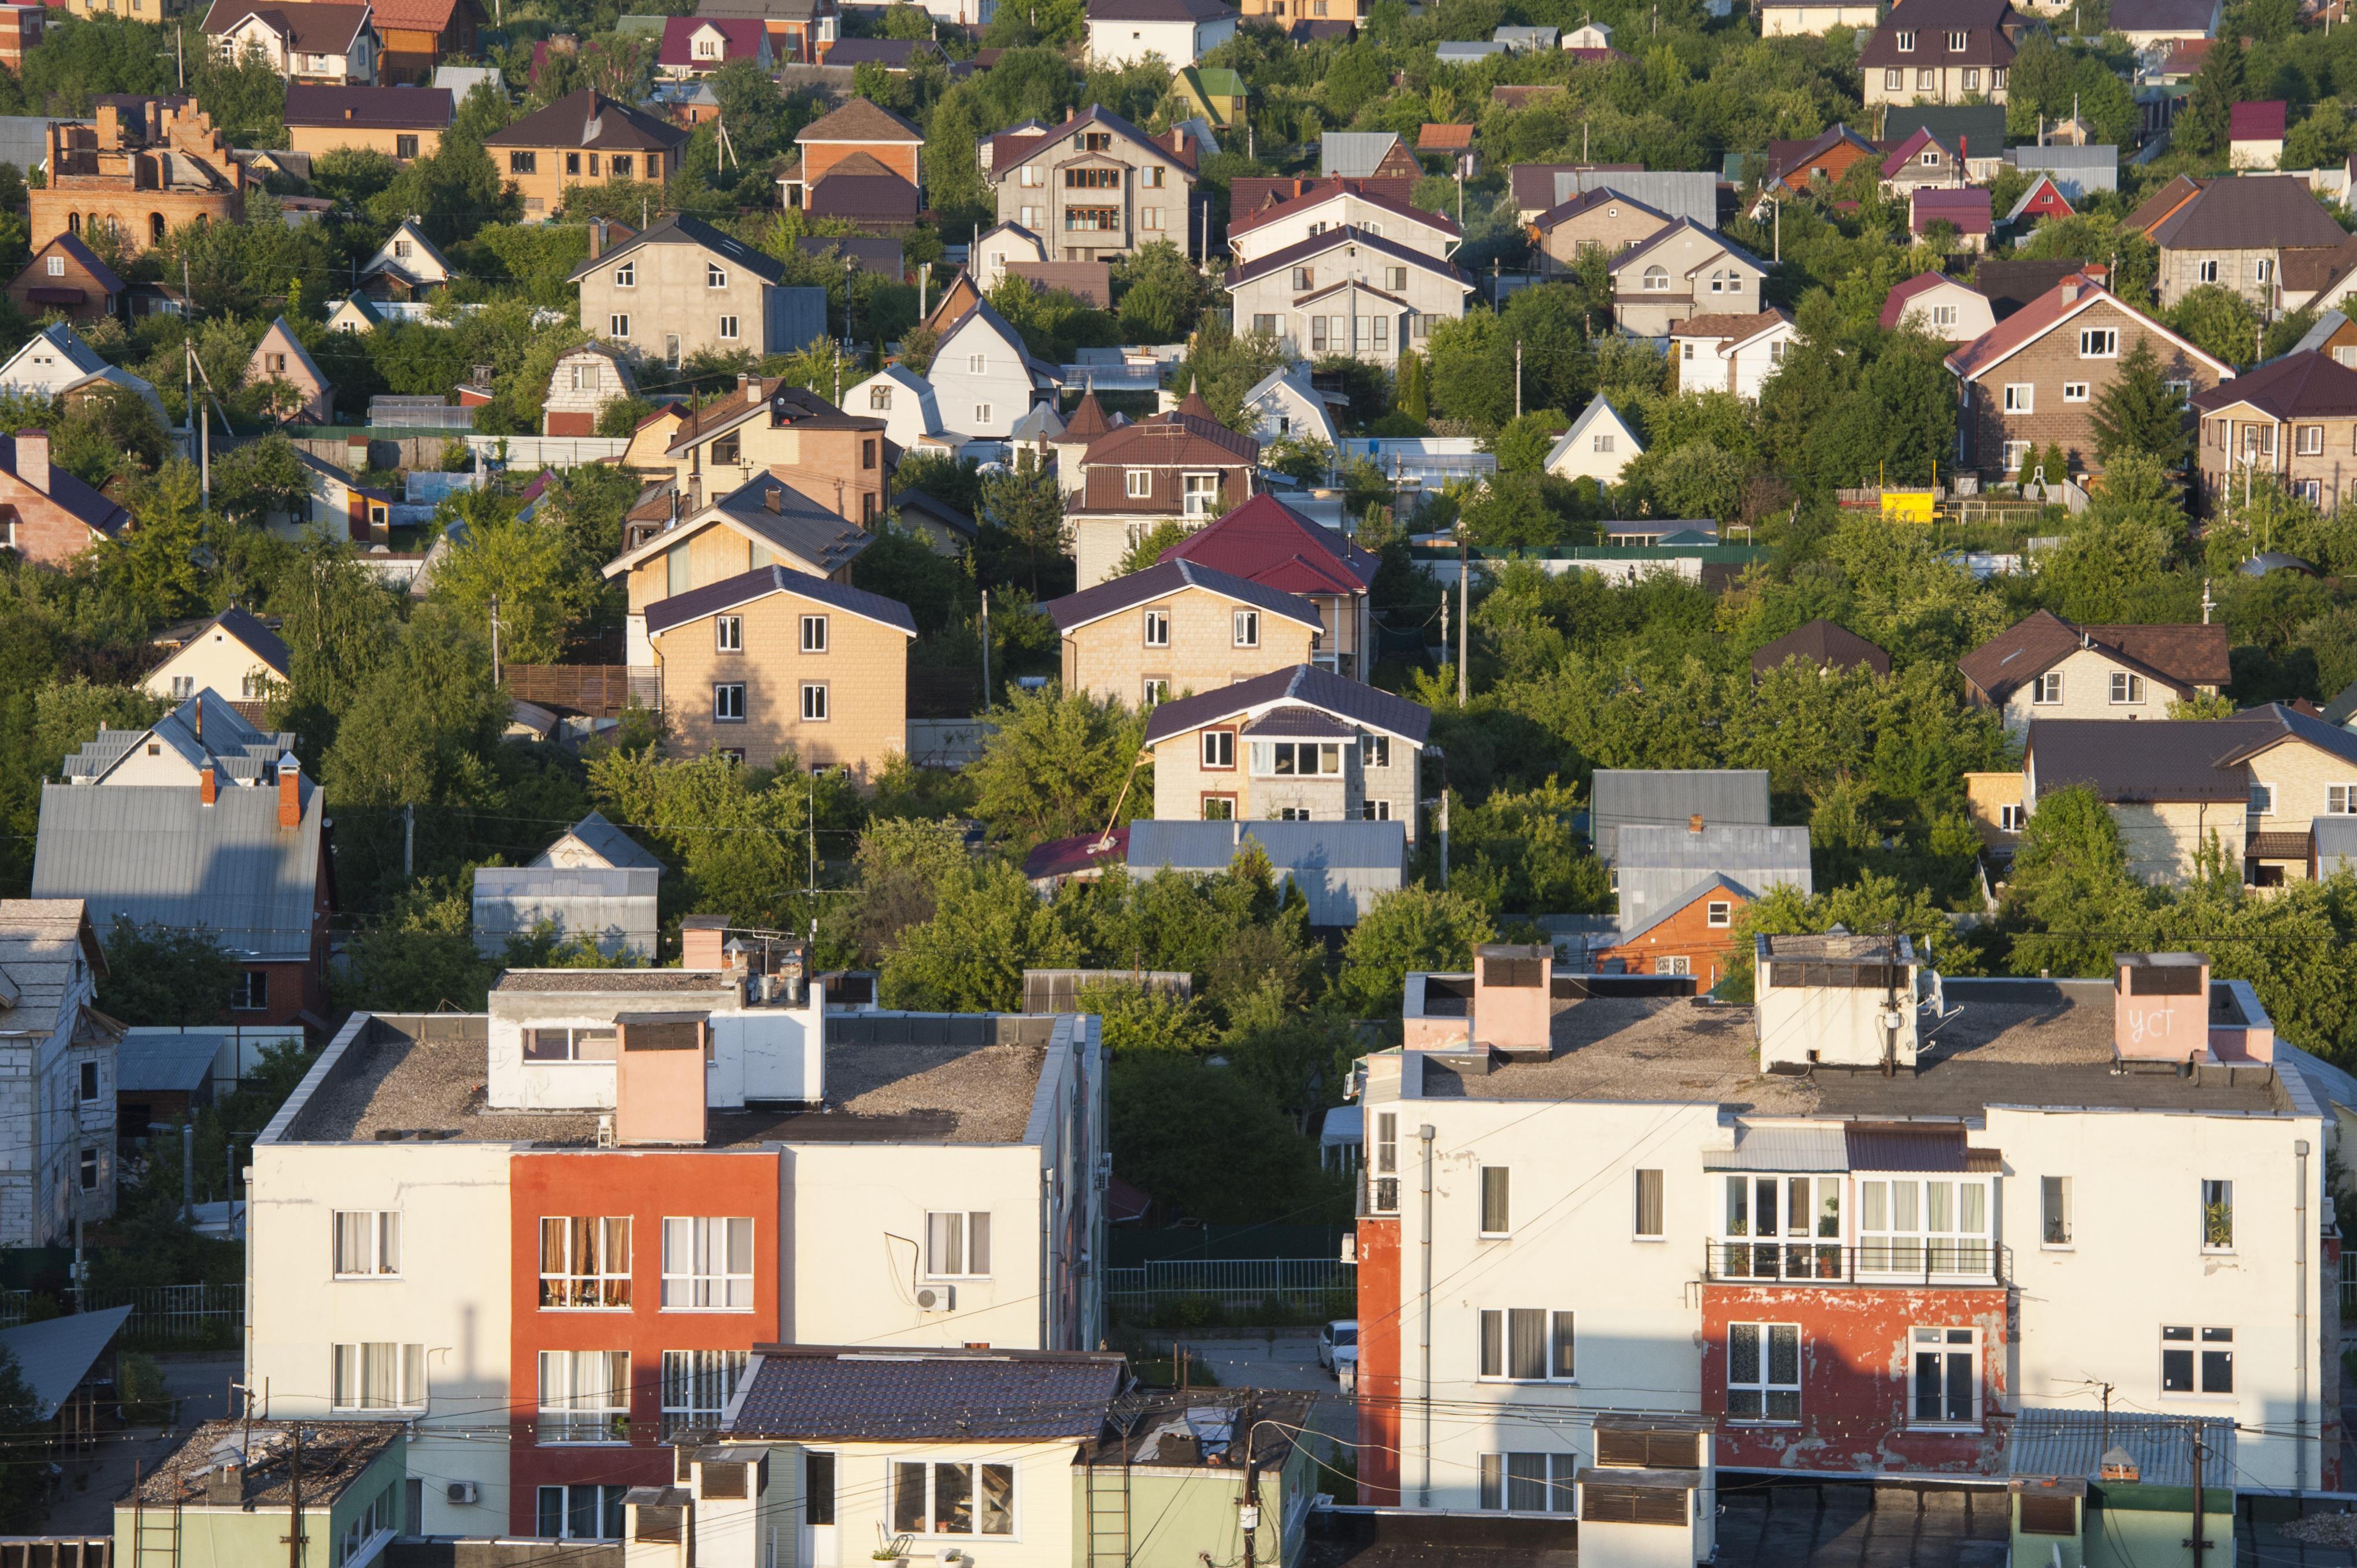 В Новой Москве впервые продадут участки под индивидуальное жилищное строительство